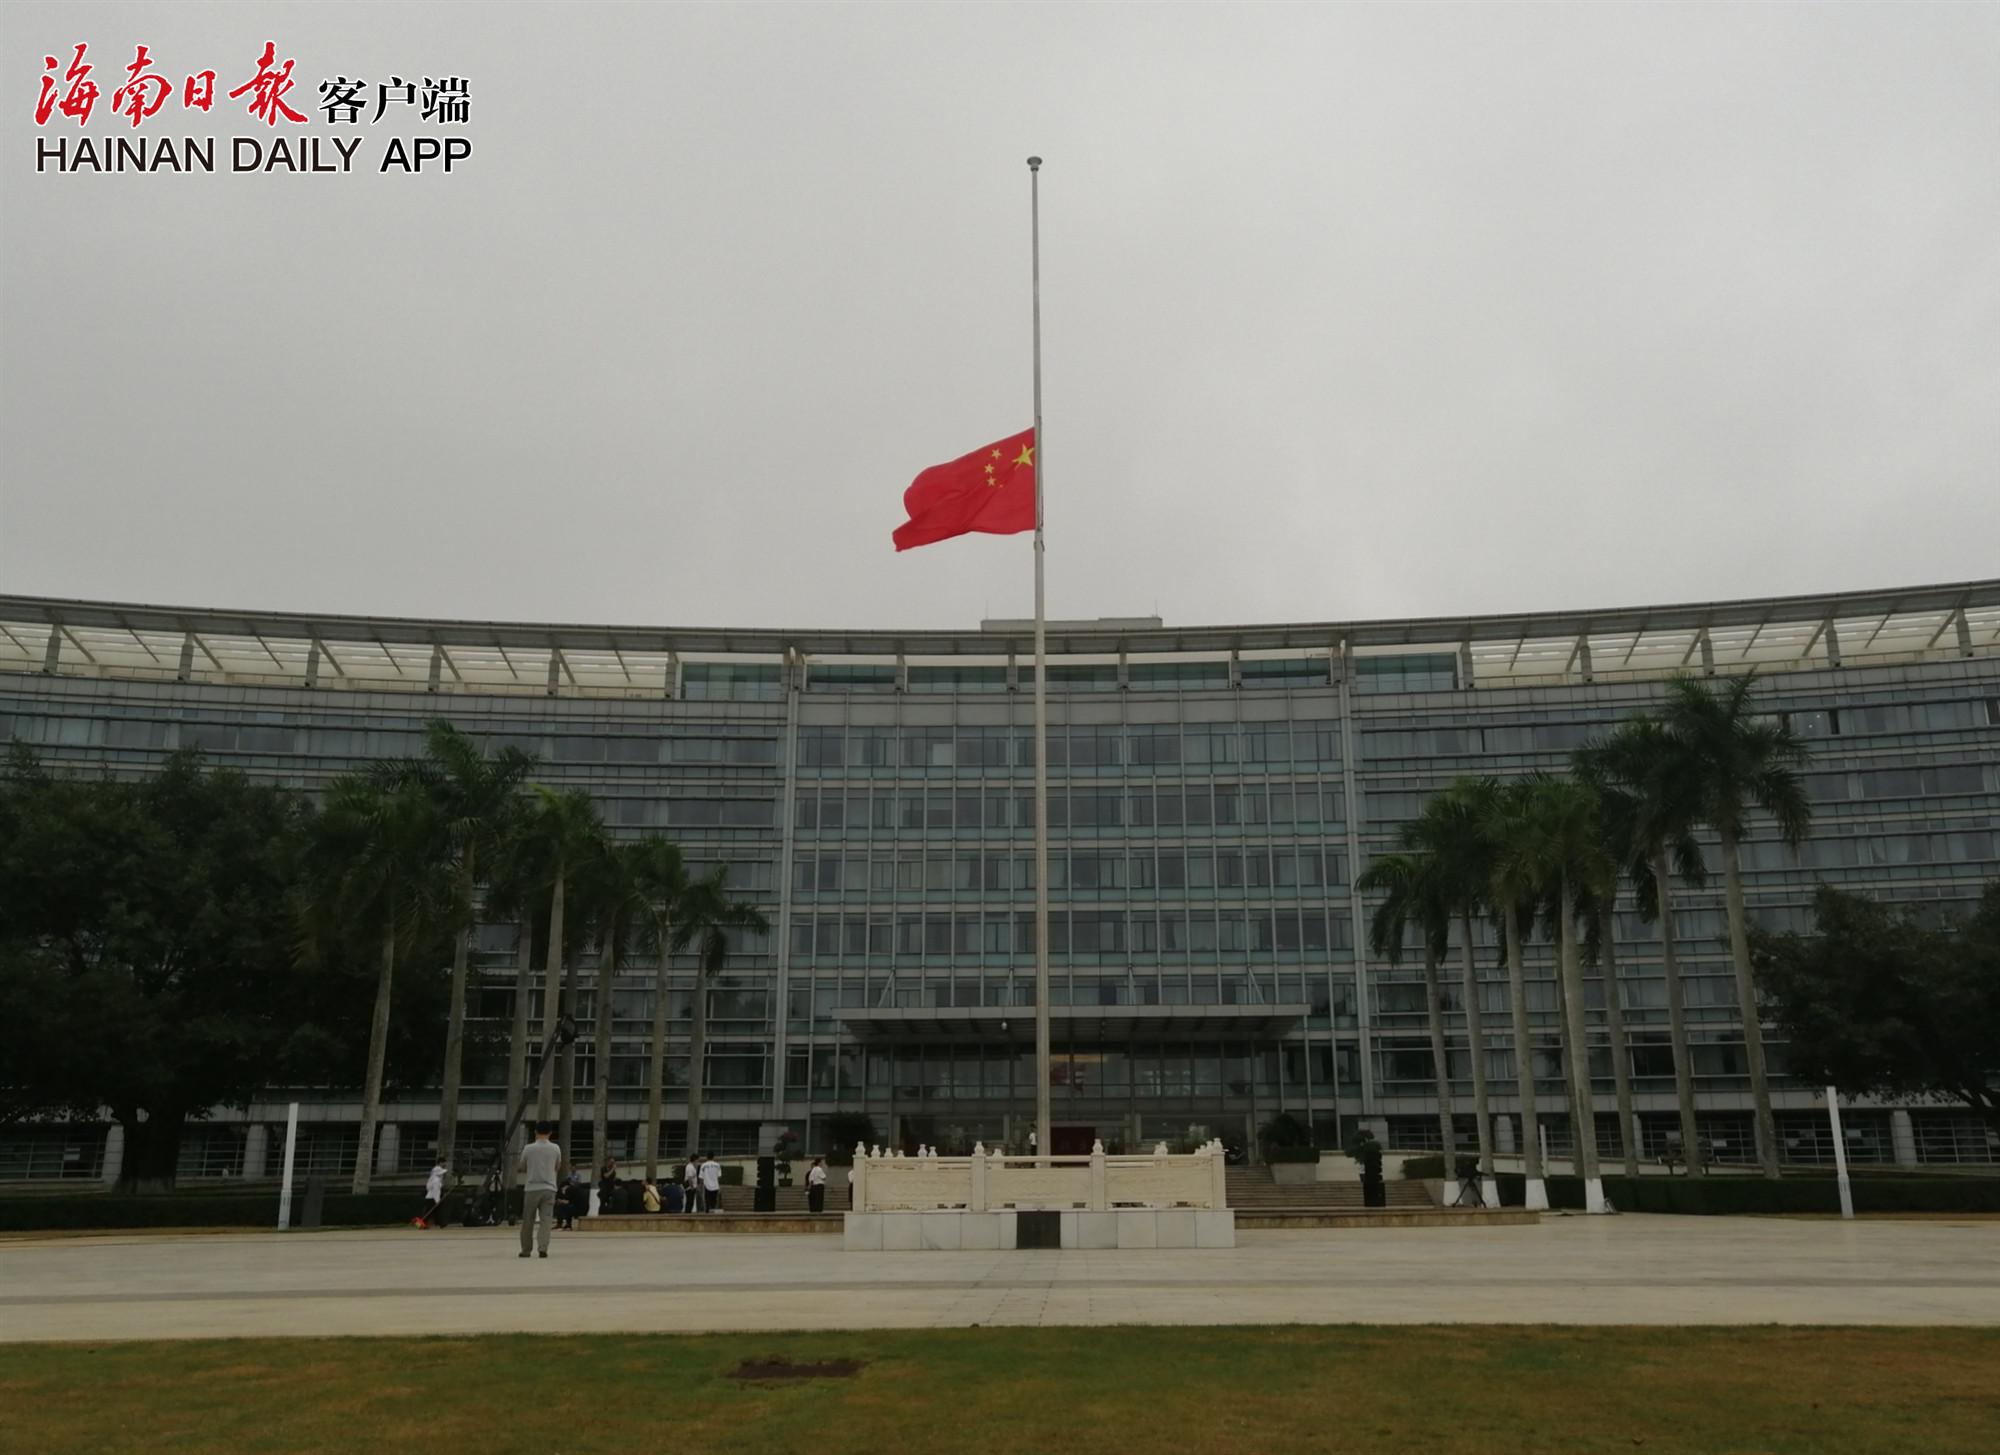 4月4日海南广场下半旗志哀